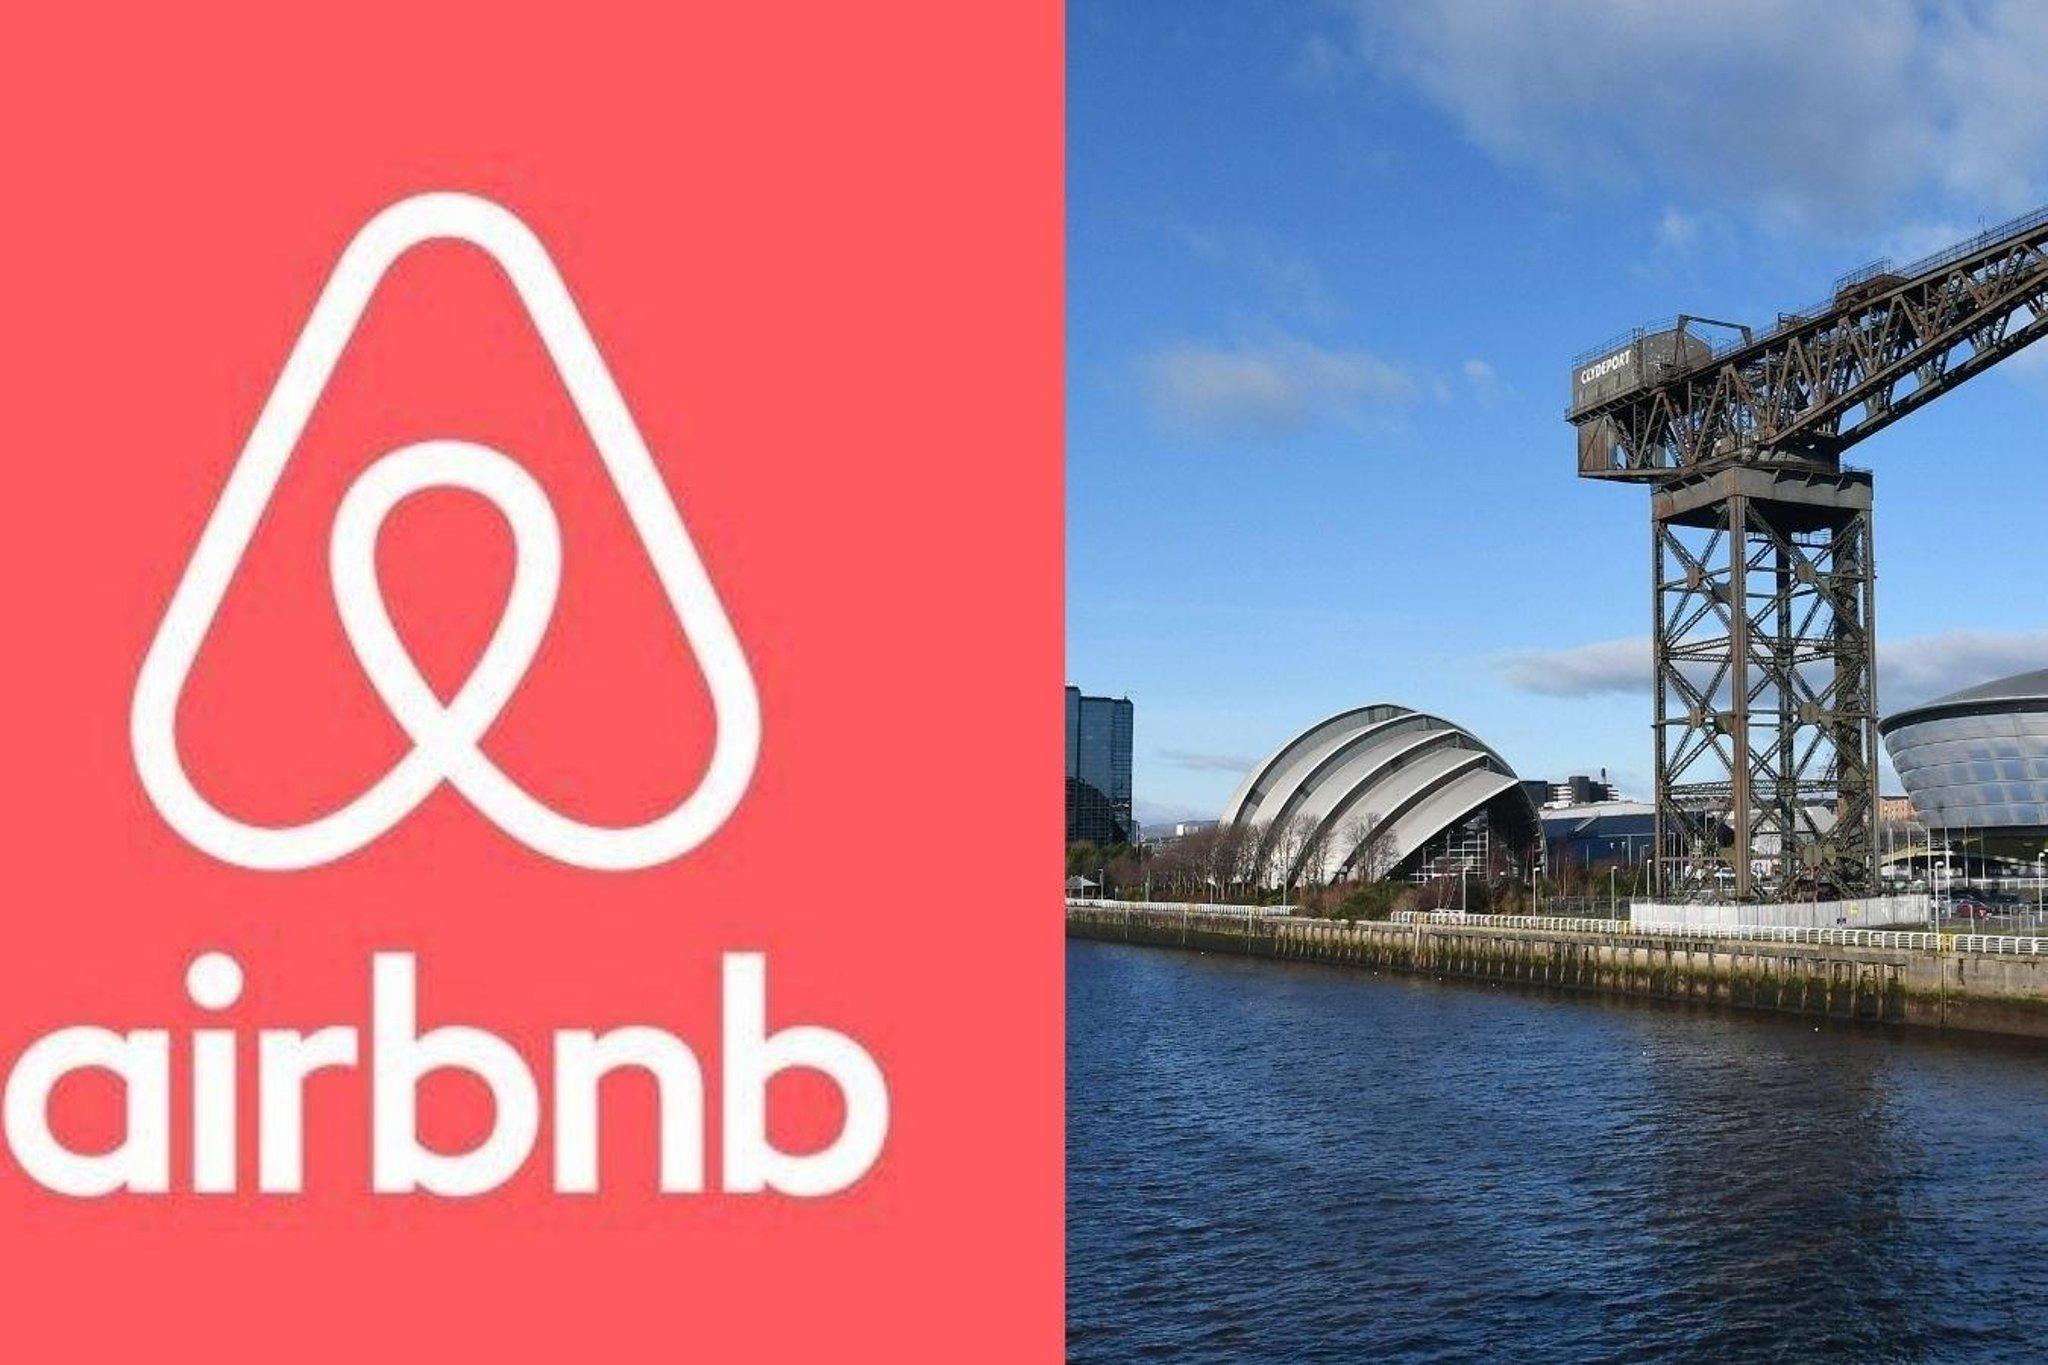 Lonjakan properti COP26 Glasgow: 10 Airbnb termahal yang tersedia di Glasgow selama Cop26